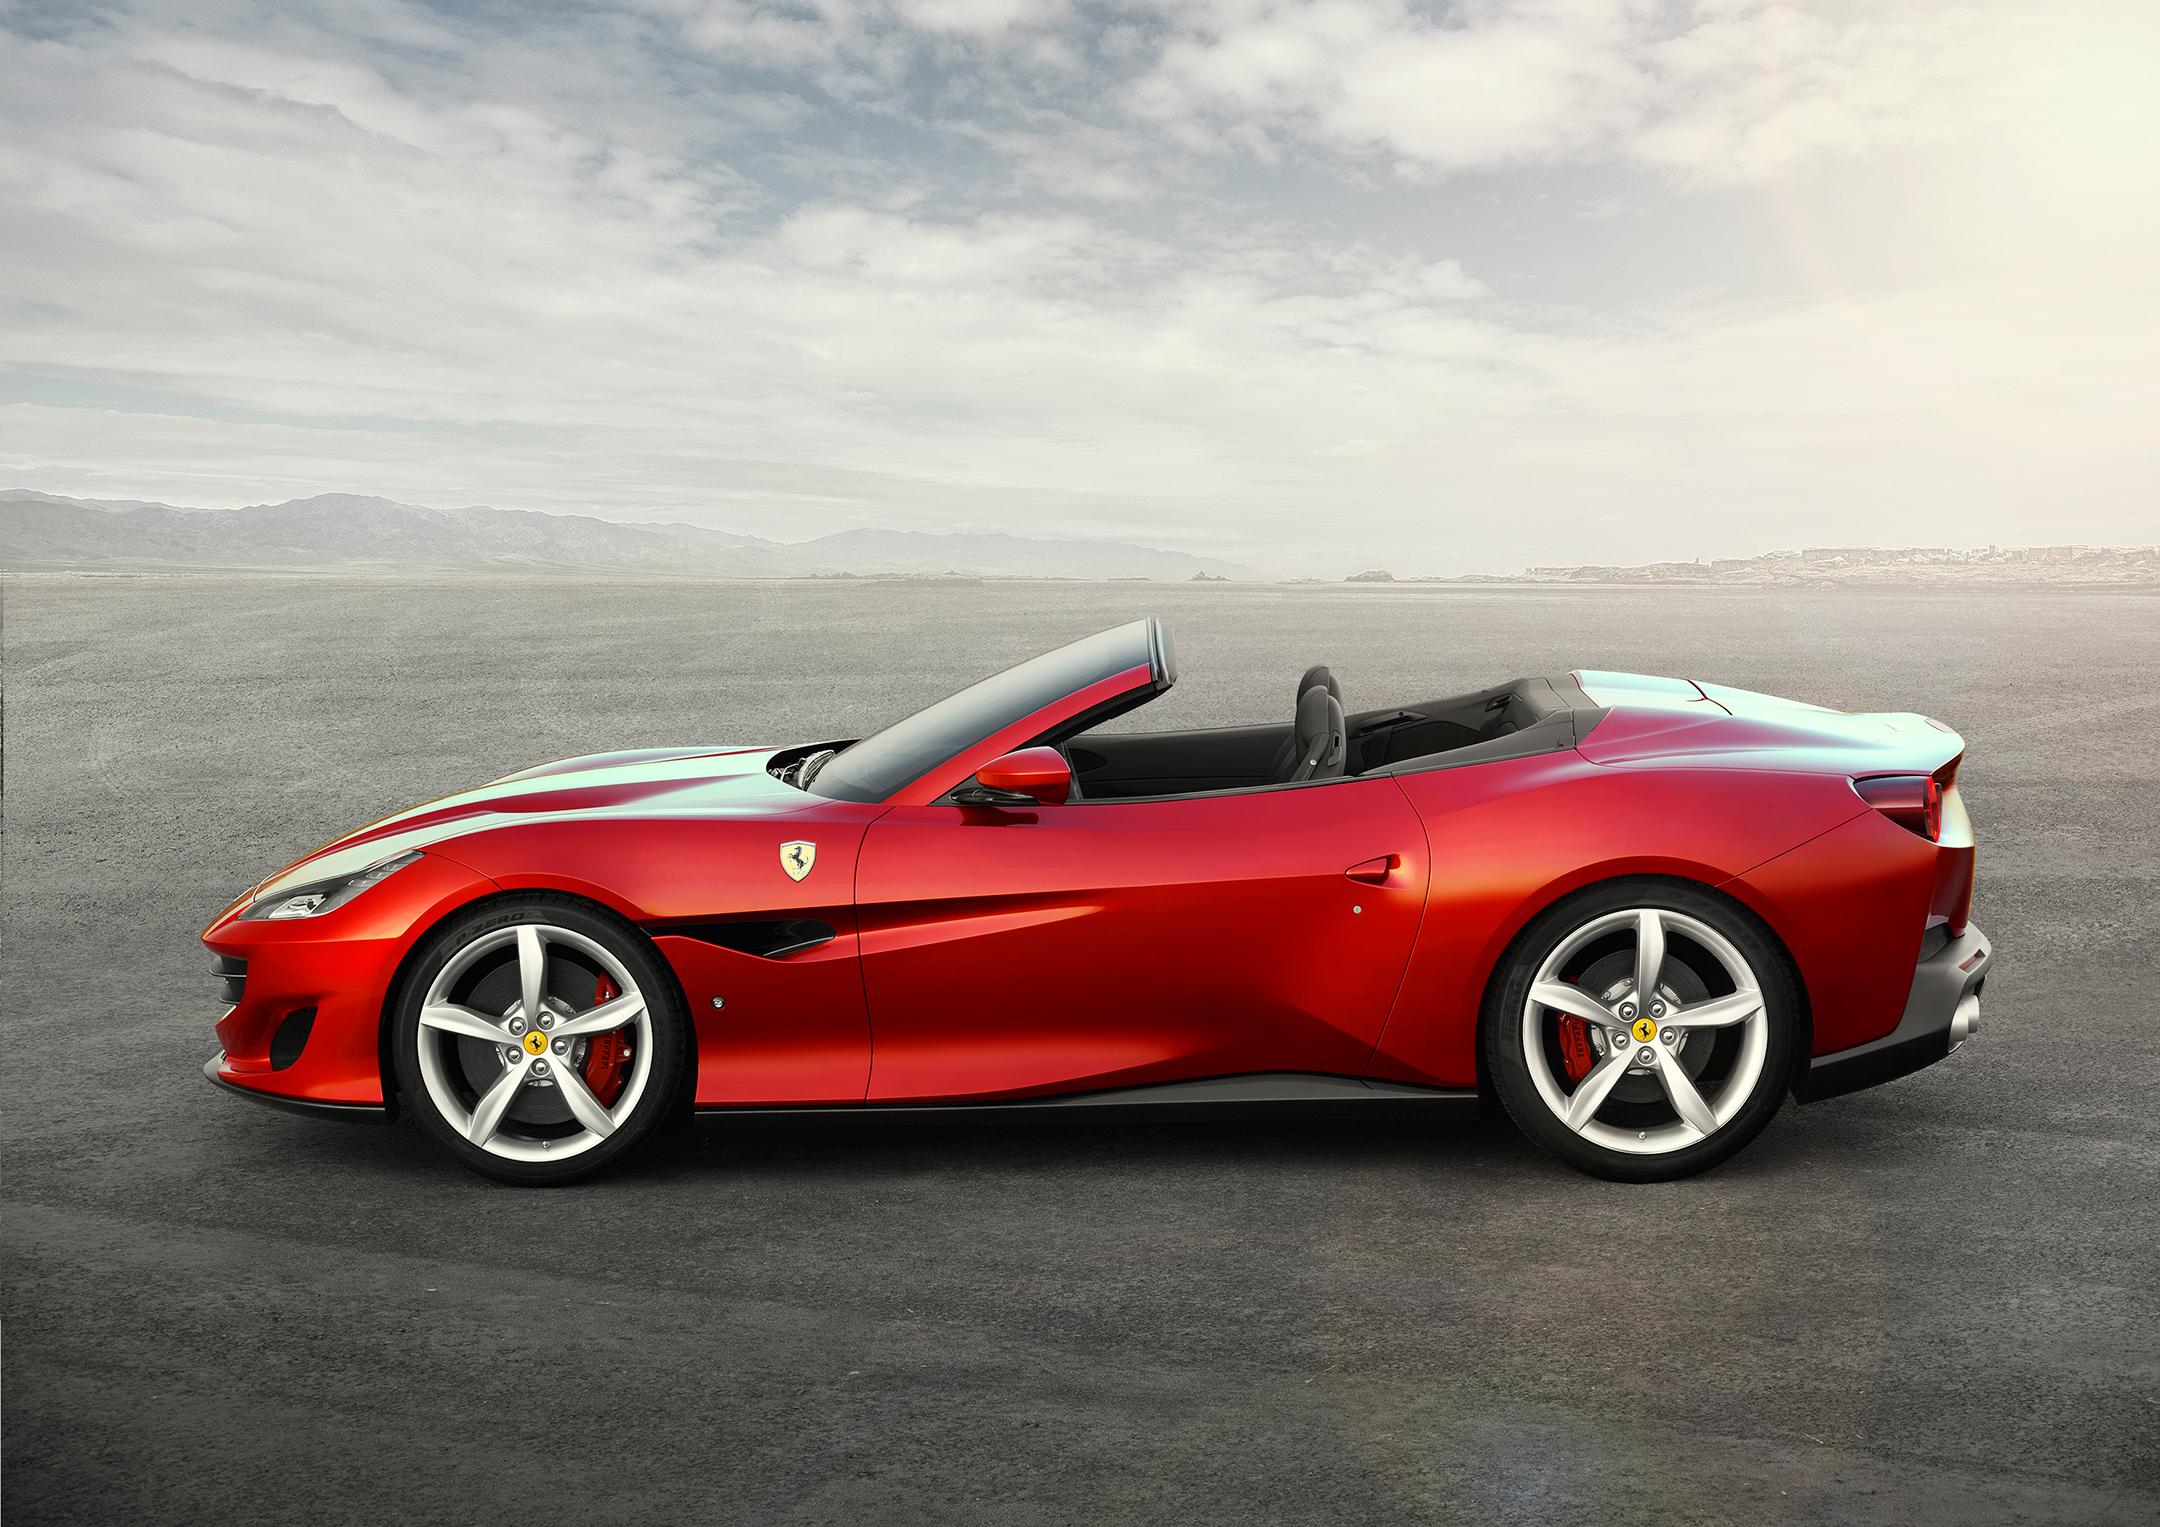 Ferrari Portofino - 2017 - cabriolet - open top - side-face / profil - toit ouvert